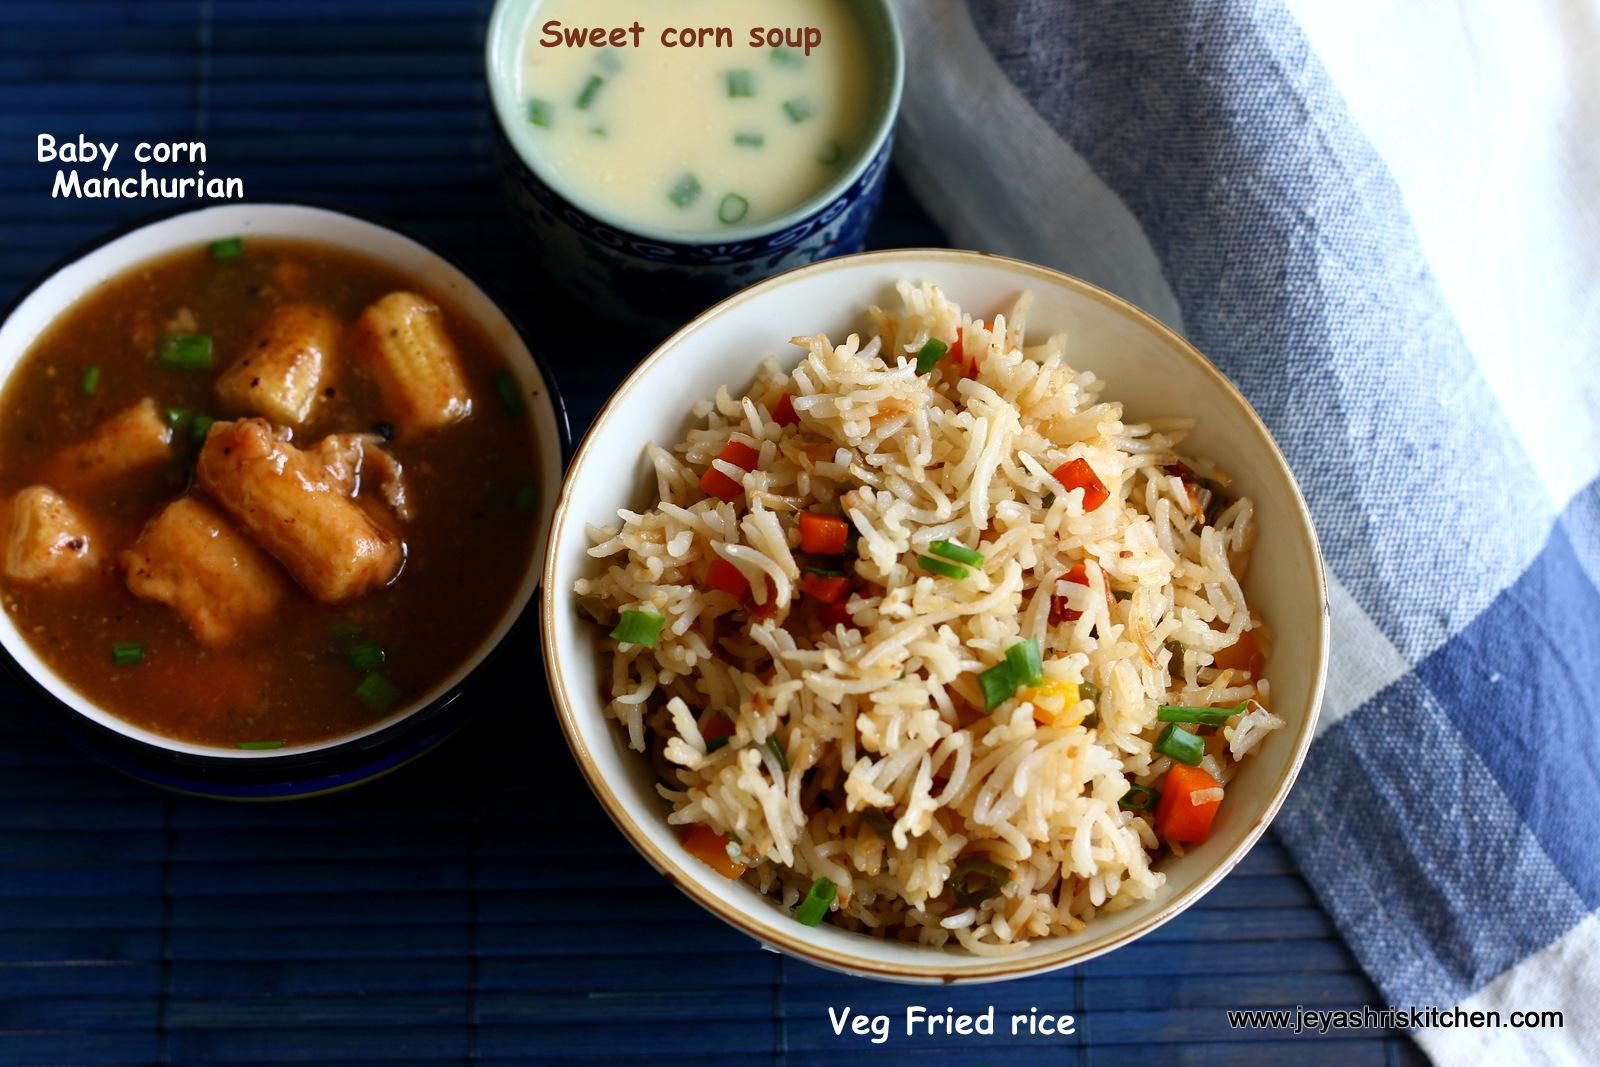 Weekend Lunch Ideas Jeyashriskitchen